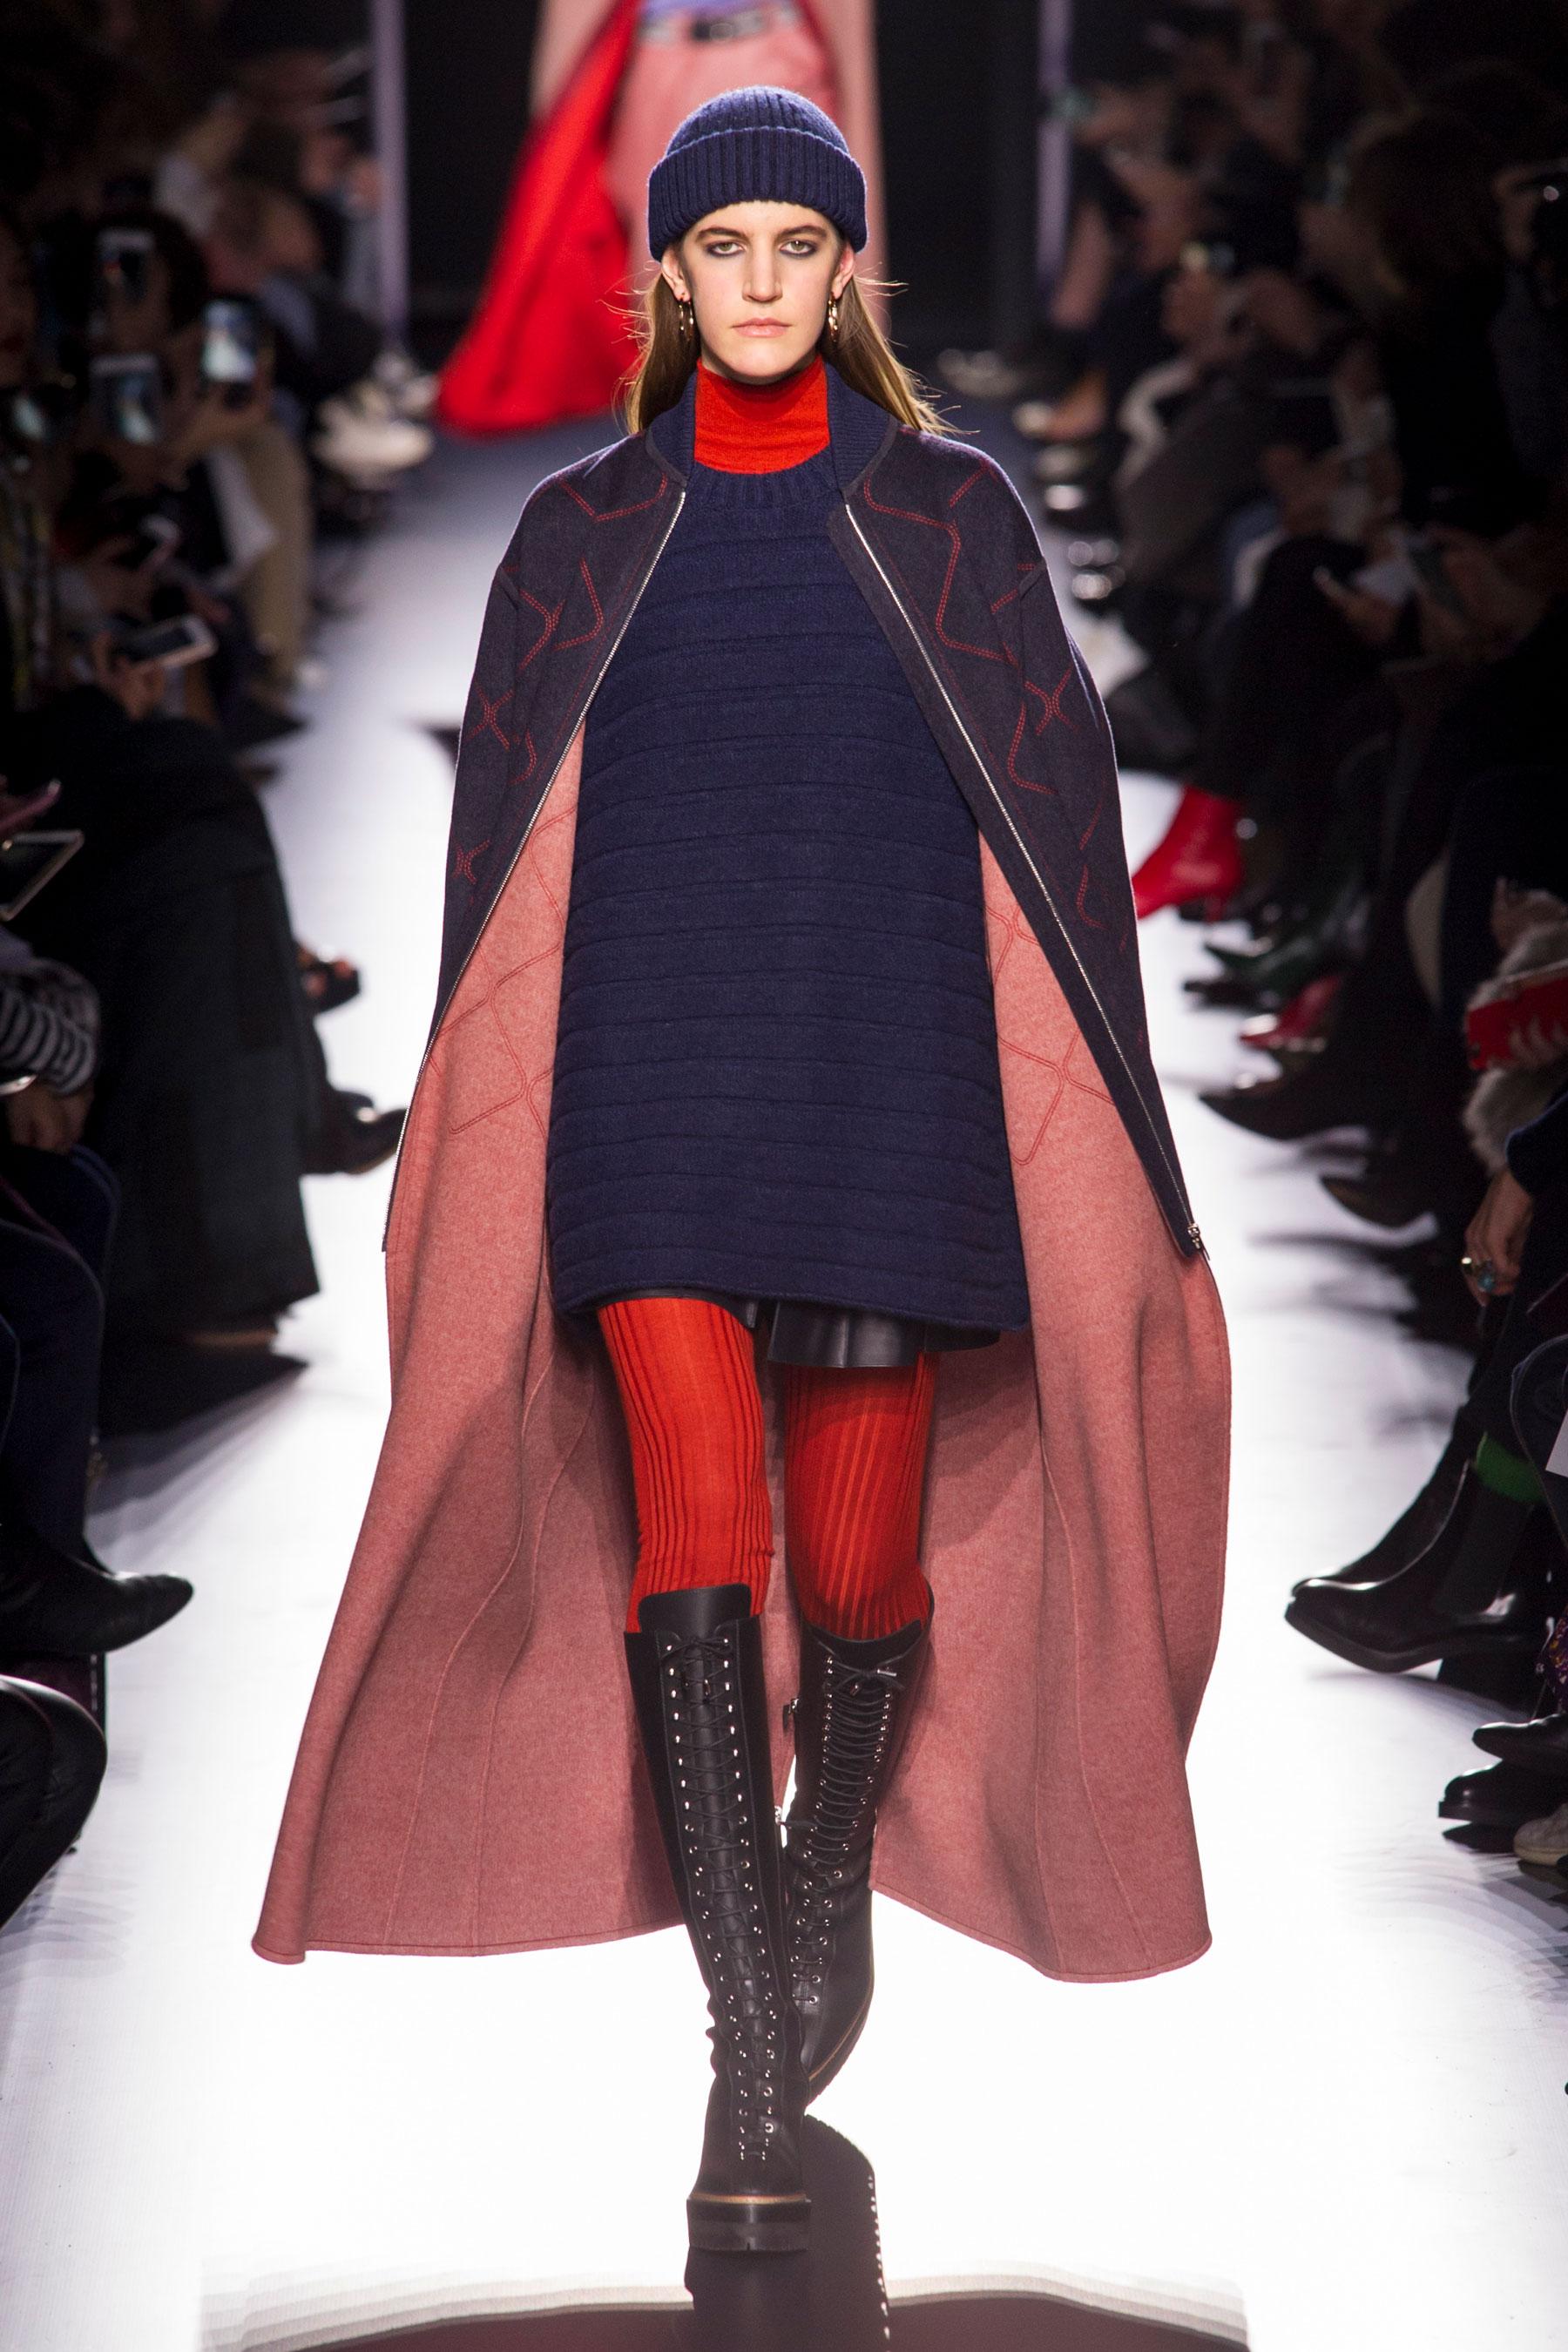 b9e78310490 Défilé Hermès Prêt à porter Automne-Hiver 2017-2018 - Paris - Elle